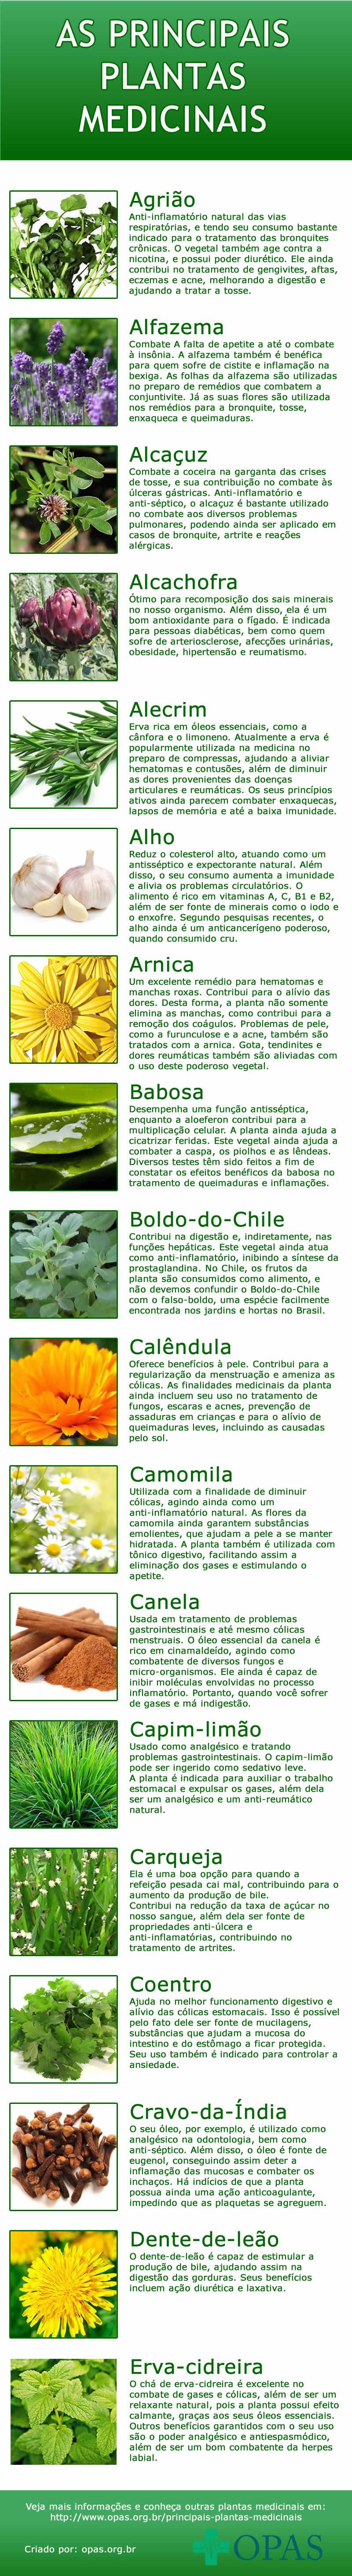 Infográfico das principais plantas medicinais